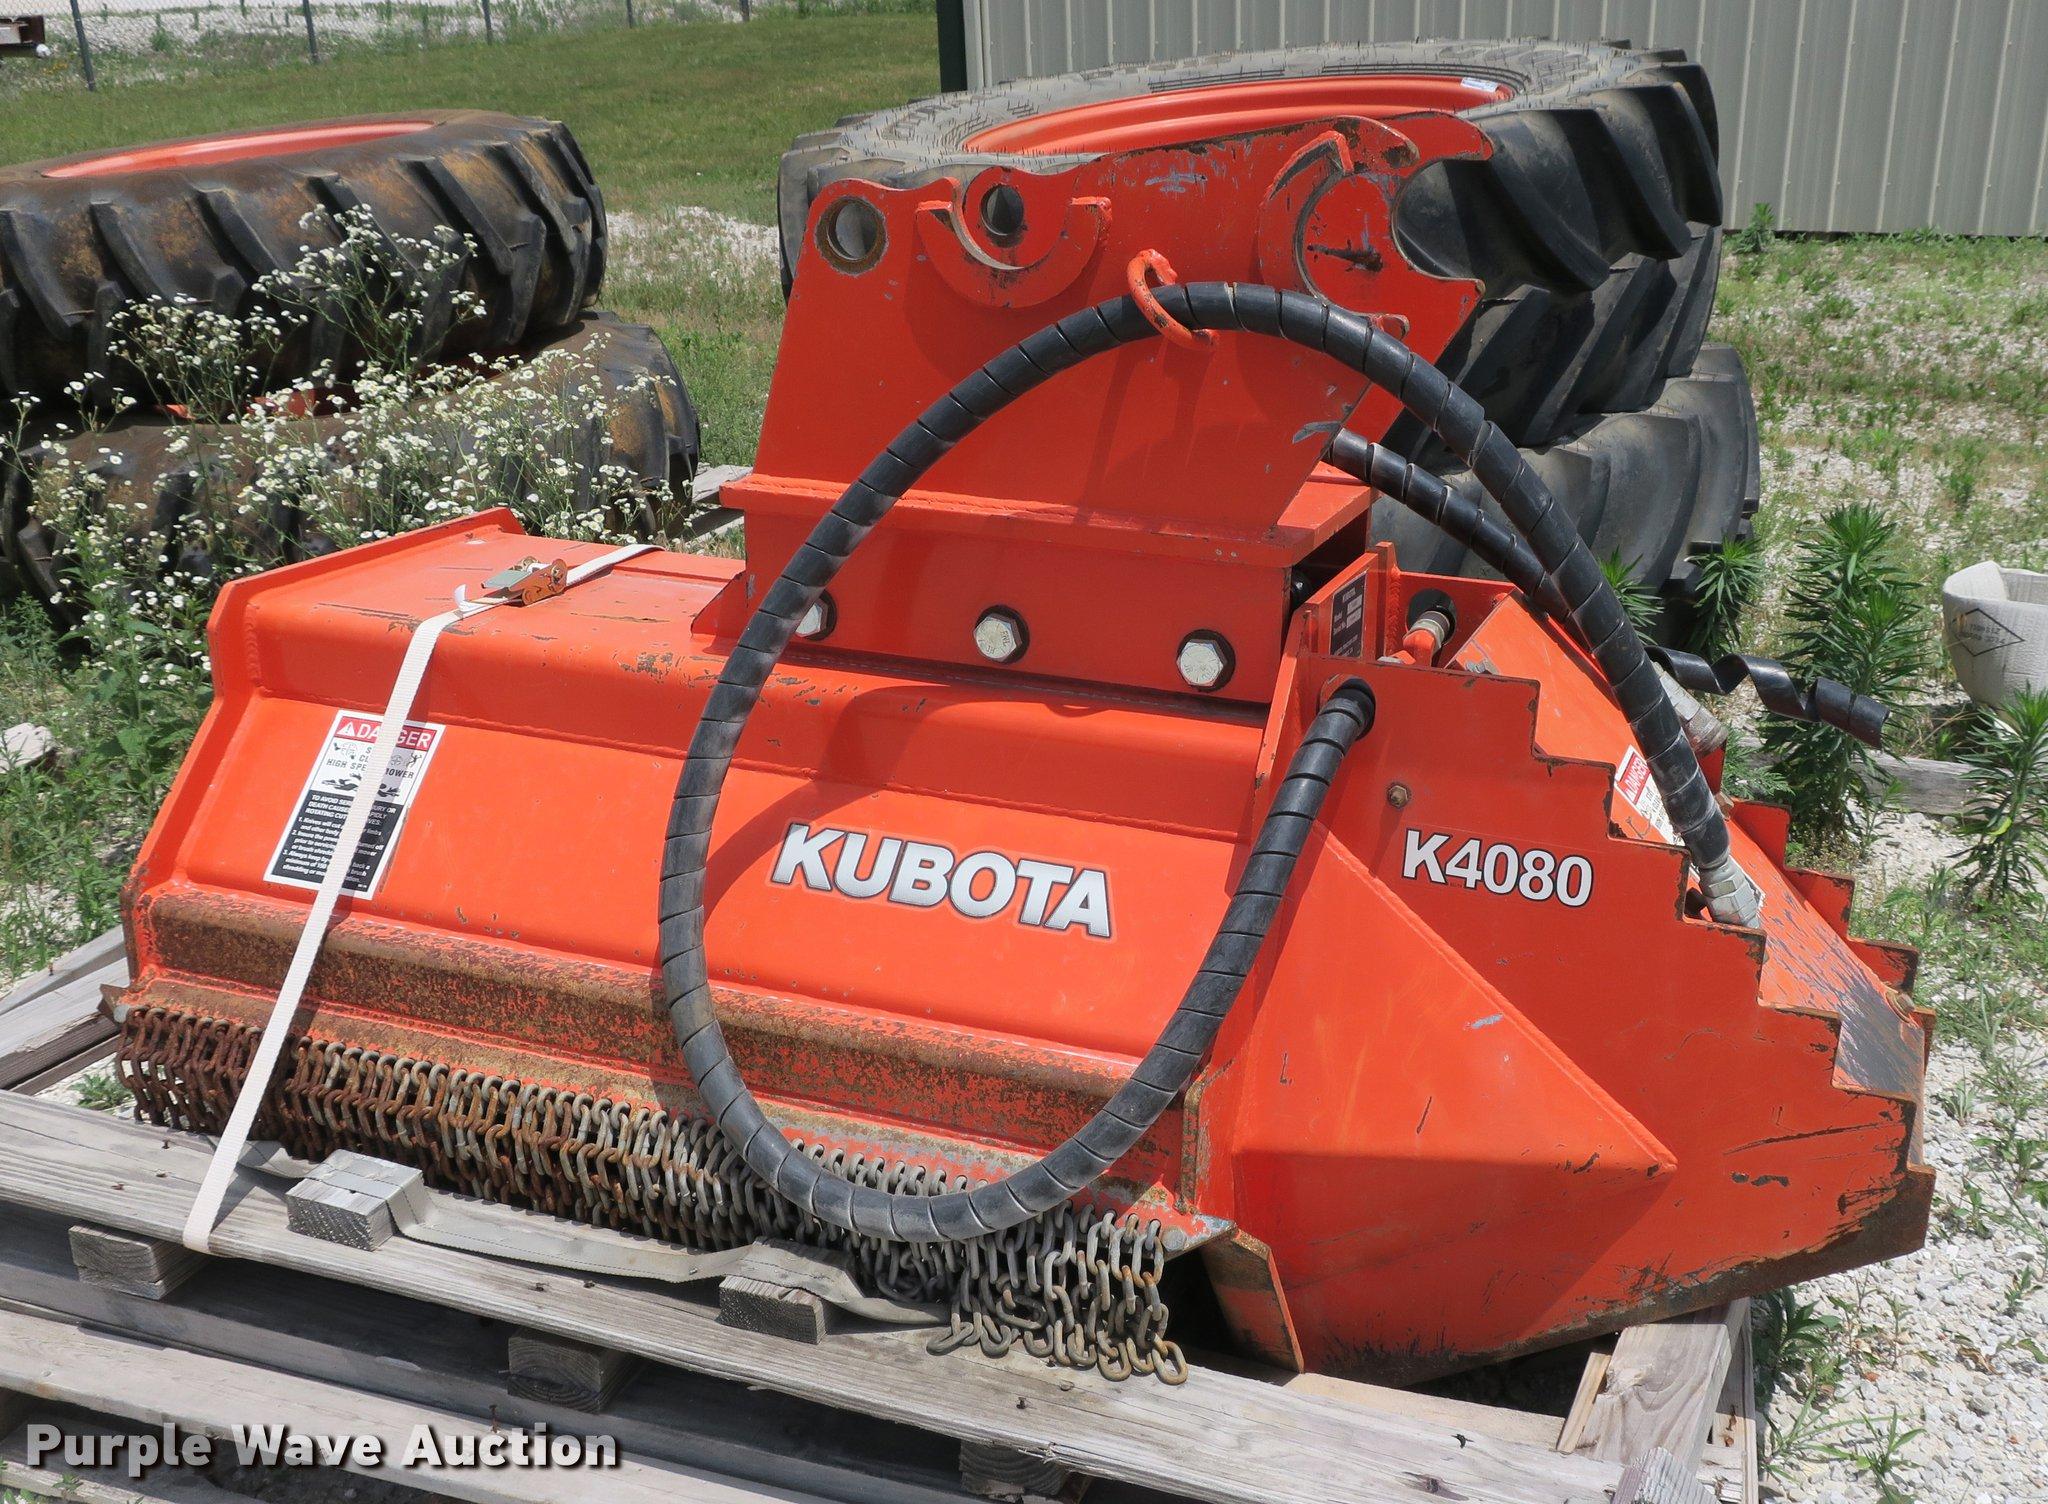 Kubota K4080 excavator brush mower | Item EO9311 | SOLD! Jul